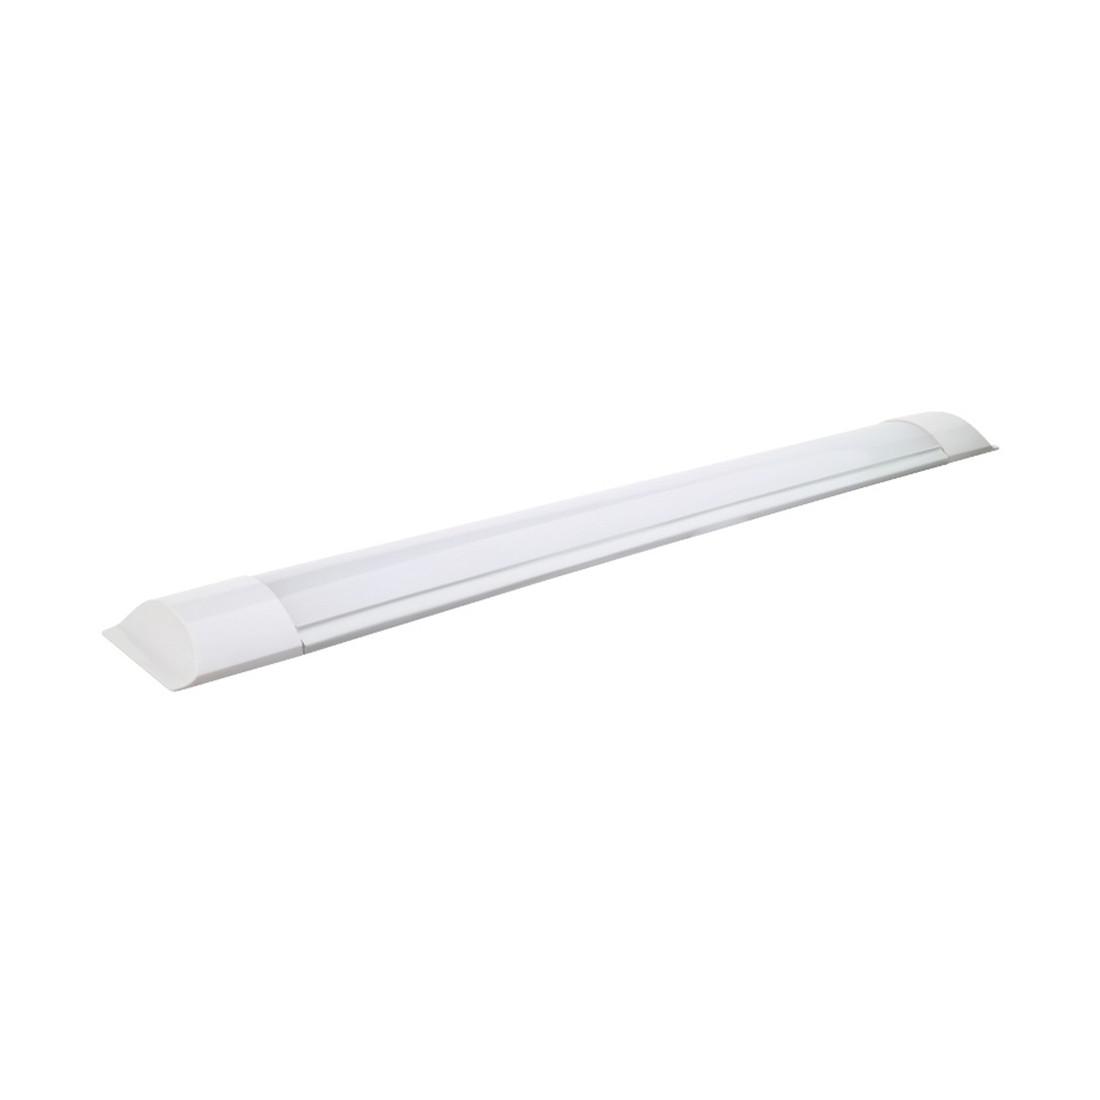 Линейный LED светильник Ultraflash LWL-5029-02 (36Вт., 6500К)